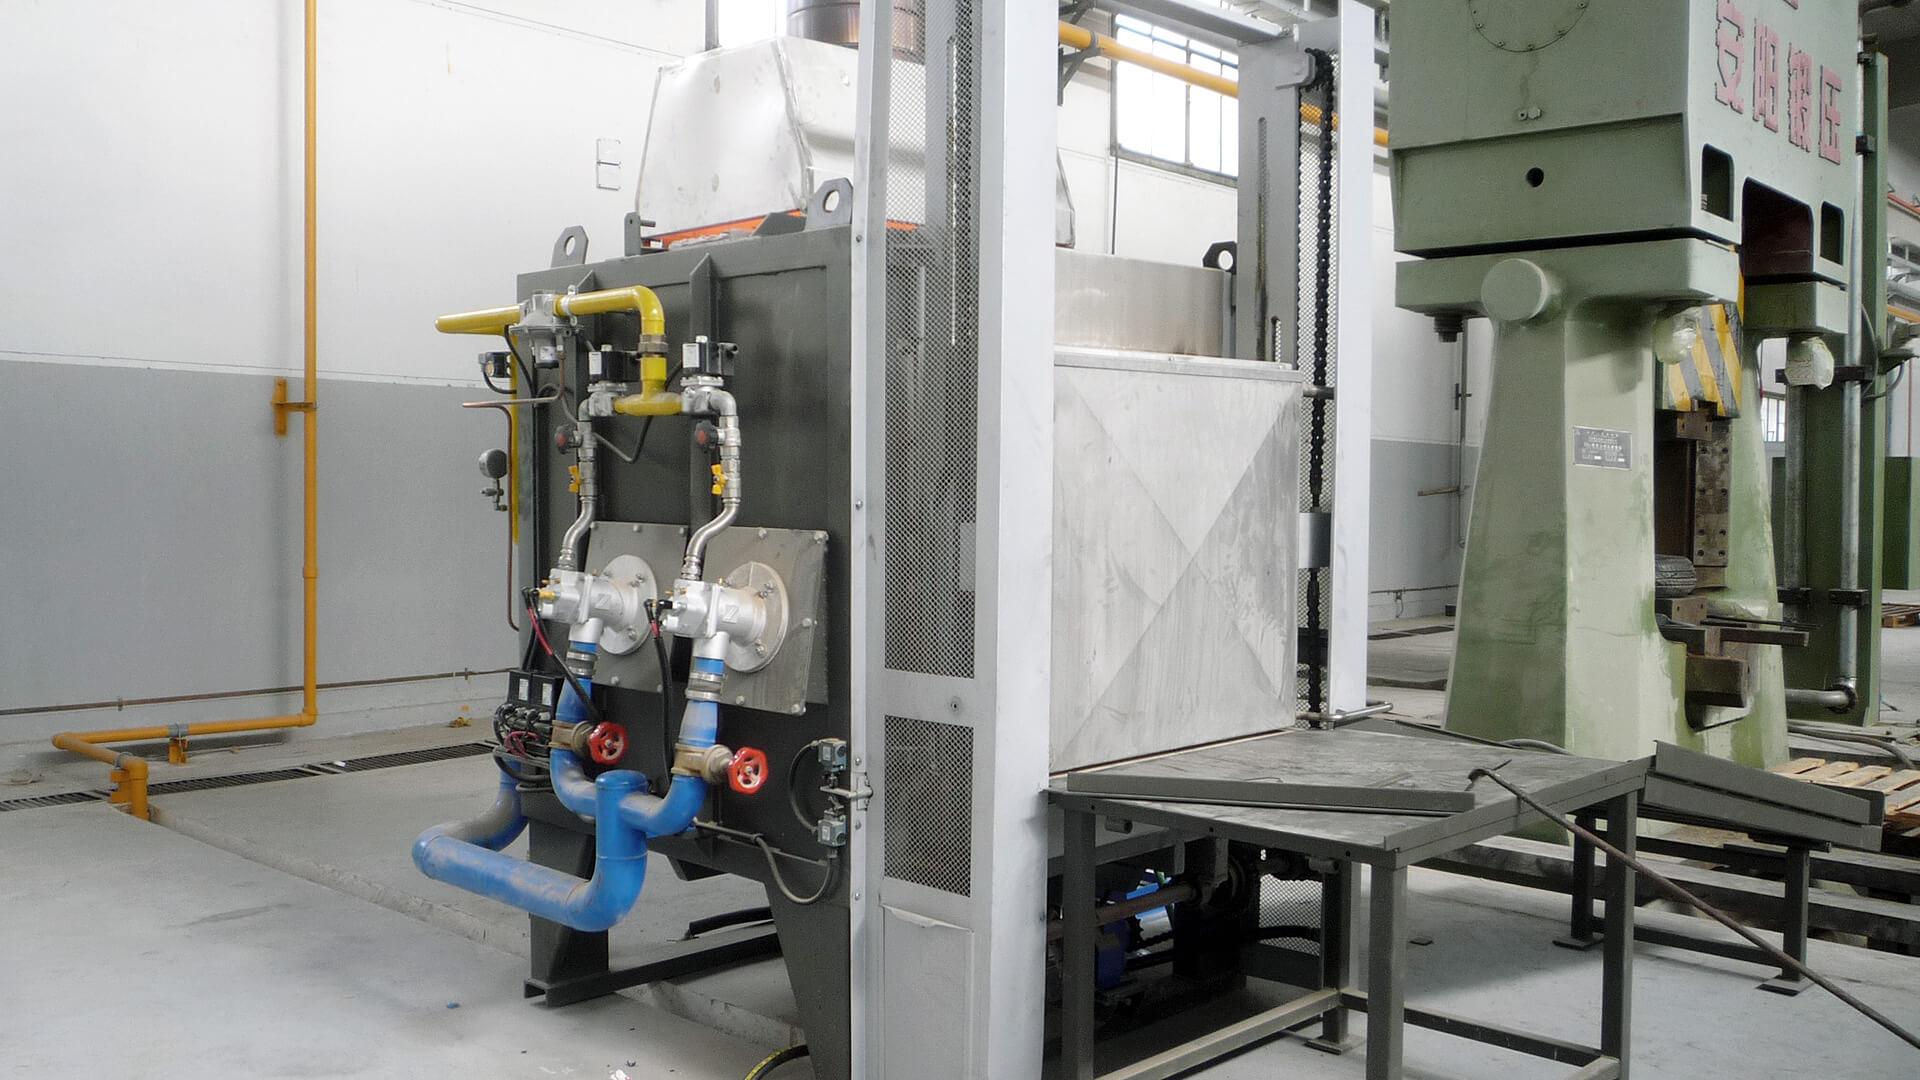 Forno industriale per Forno di riscaldamento per stampaggio a caldo | Pagnotta Termomeccanica